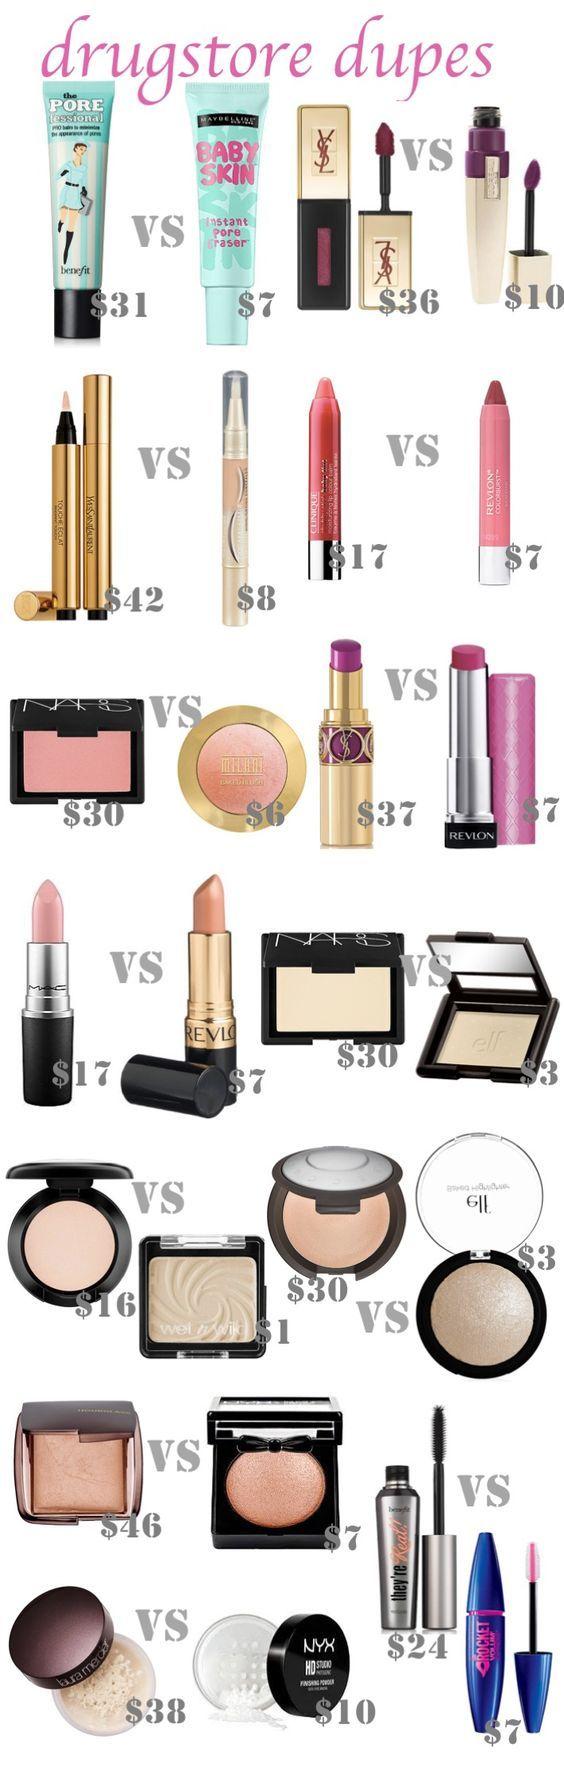 Best Drugstore Dupes Makeup dupes, Drugstore makeup